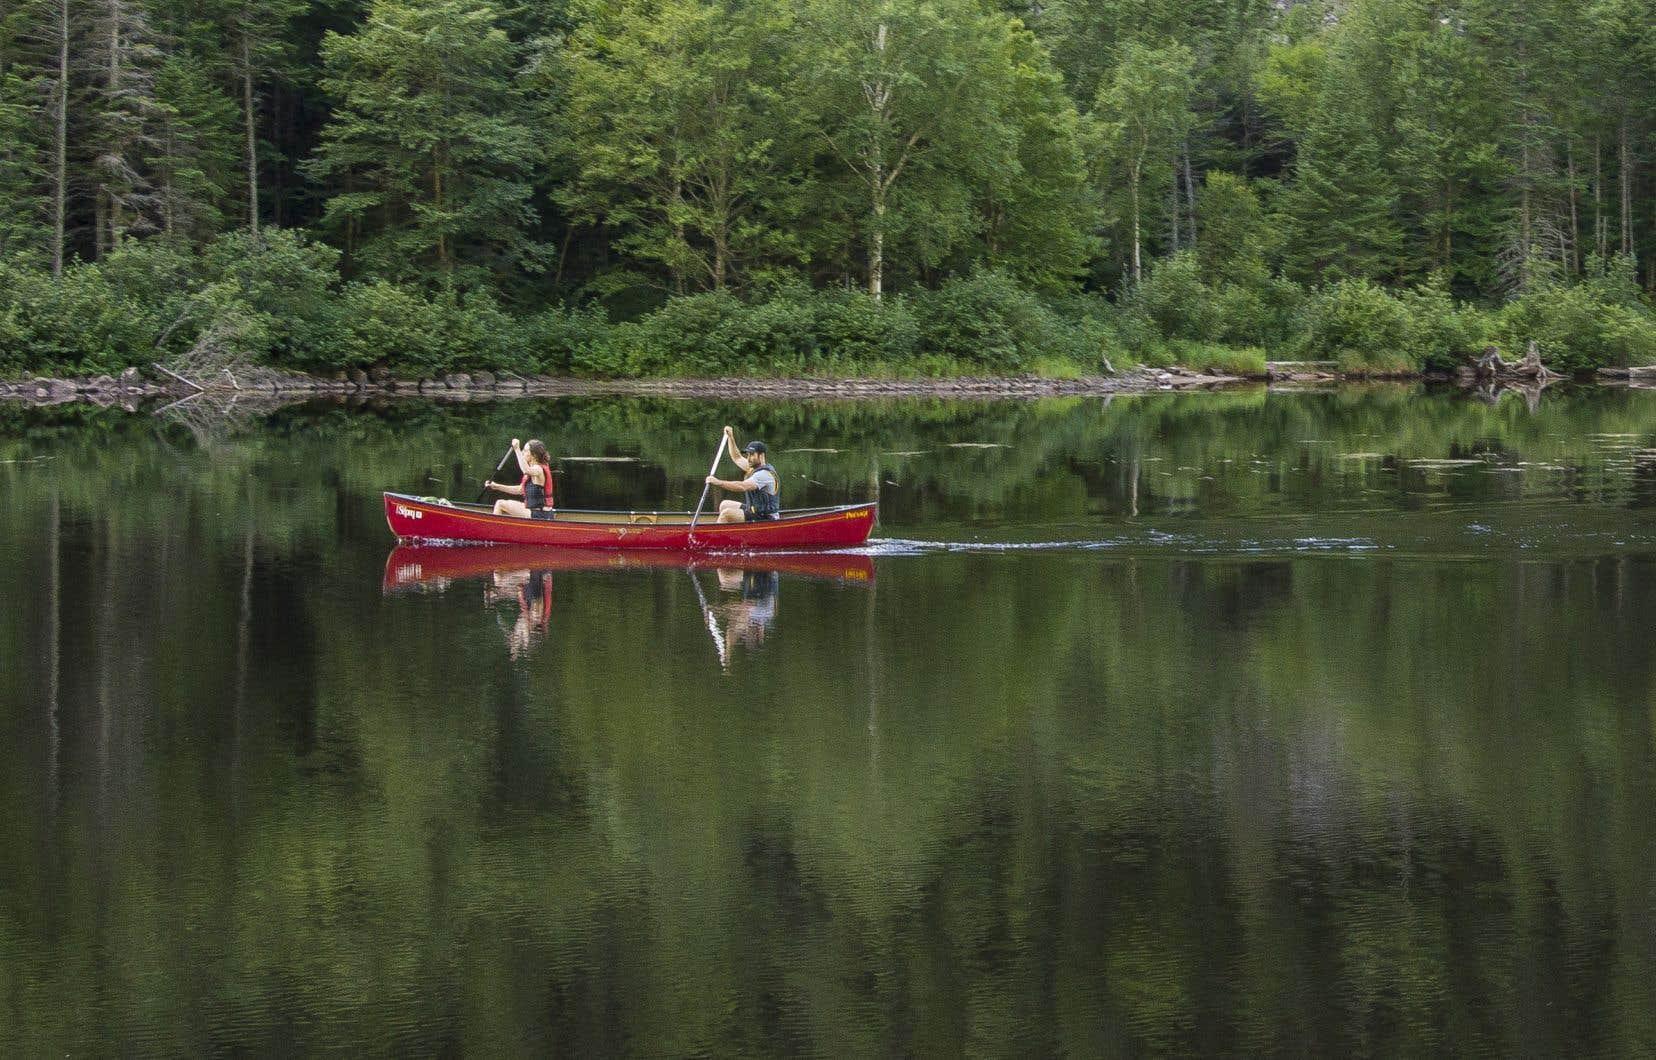 Parmi les parcs touchés par la grève de la SÉPAQ, on compte les parcs nationaux du Bic, de la Gaspésie, des îles-de-Boucherville, du Mont-Mégantic et du Mont-Saint-Bruno.